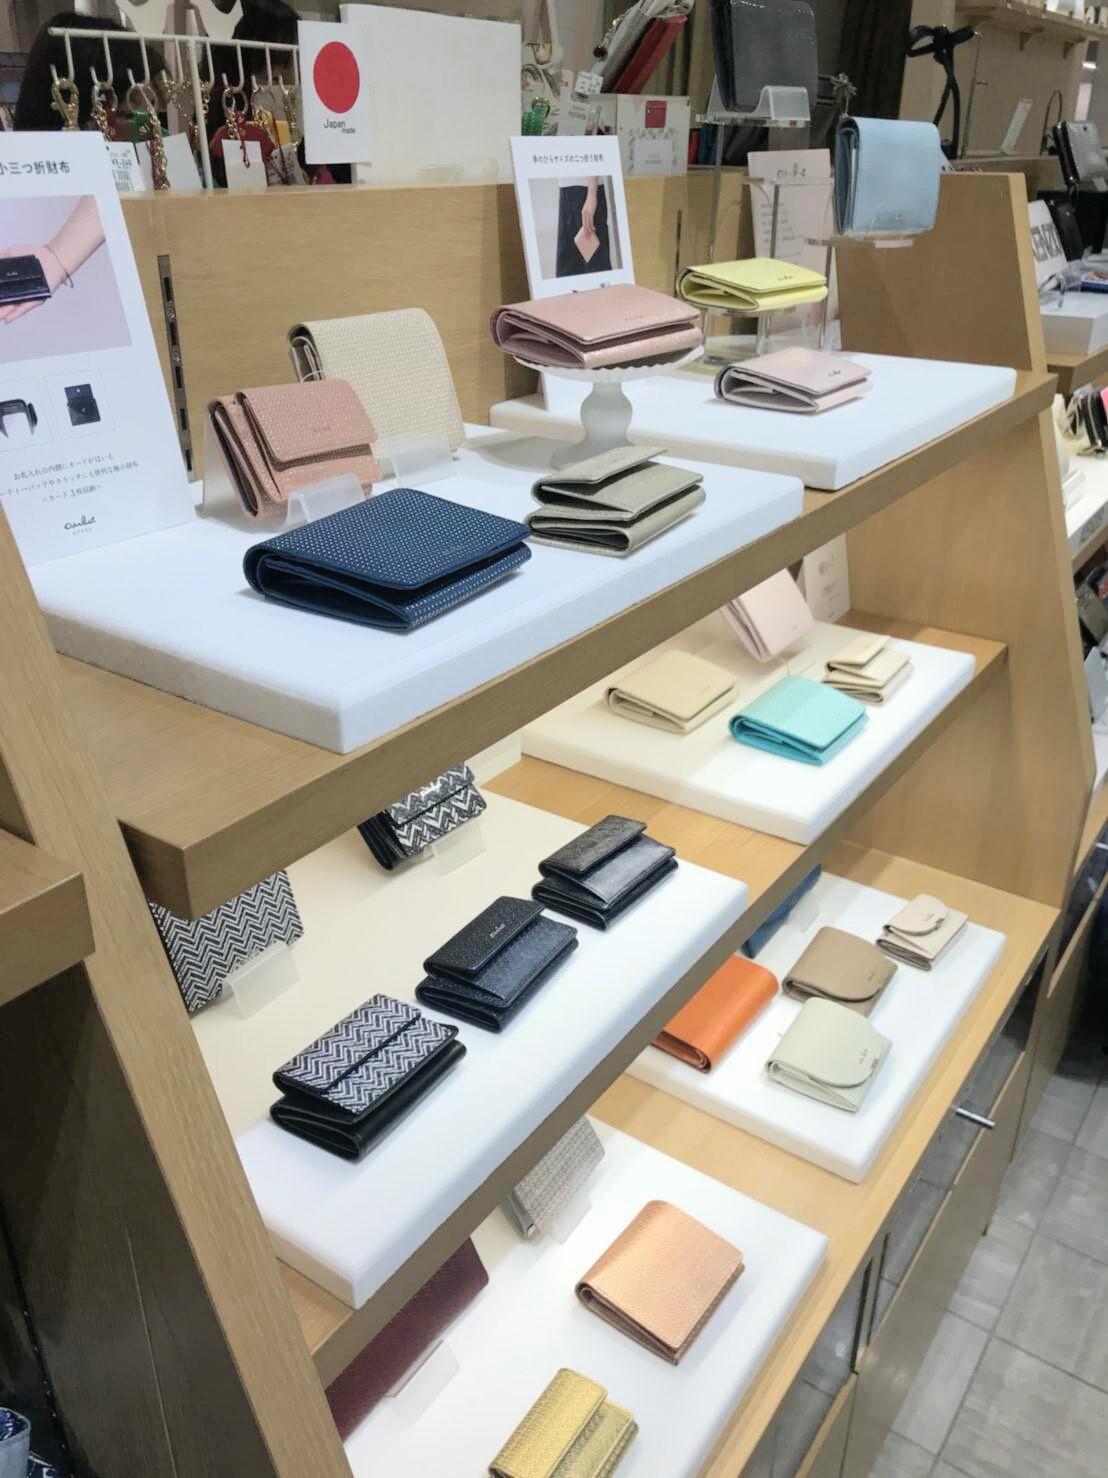 渋谷 渋谷ヒカリエ エアリスト コンパクト財布 ミニ財布 折財布 ちい財布